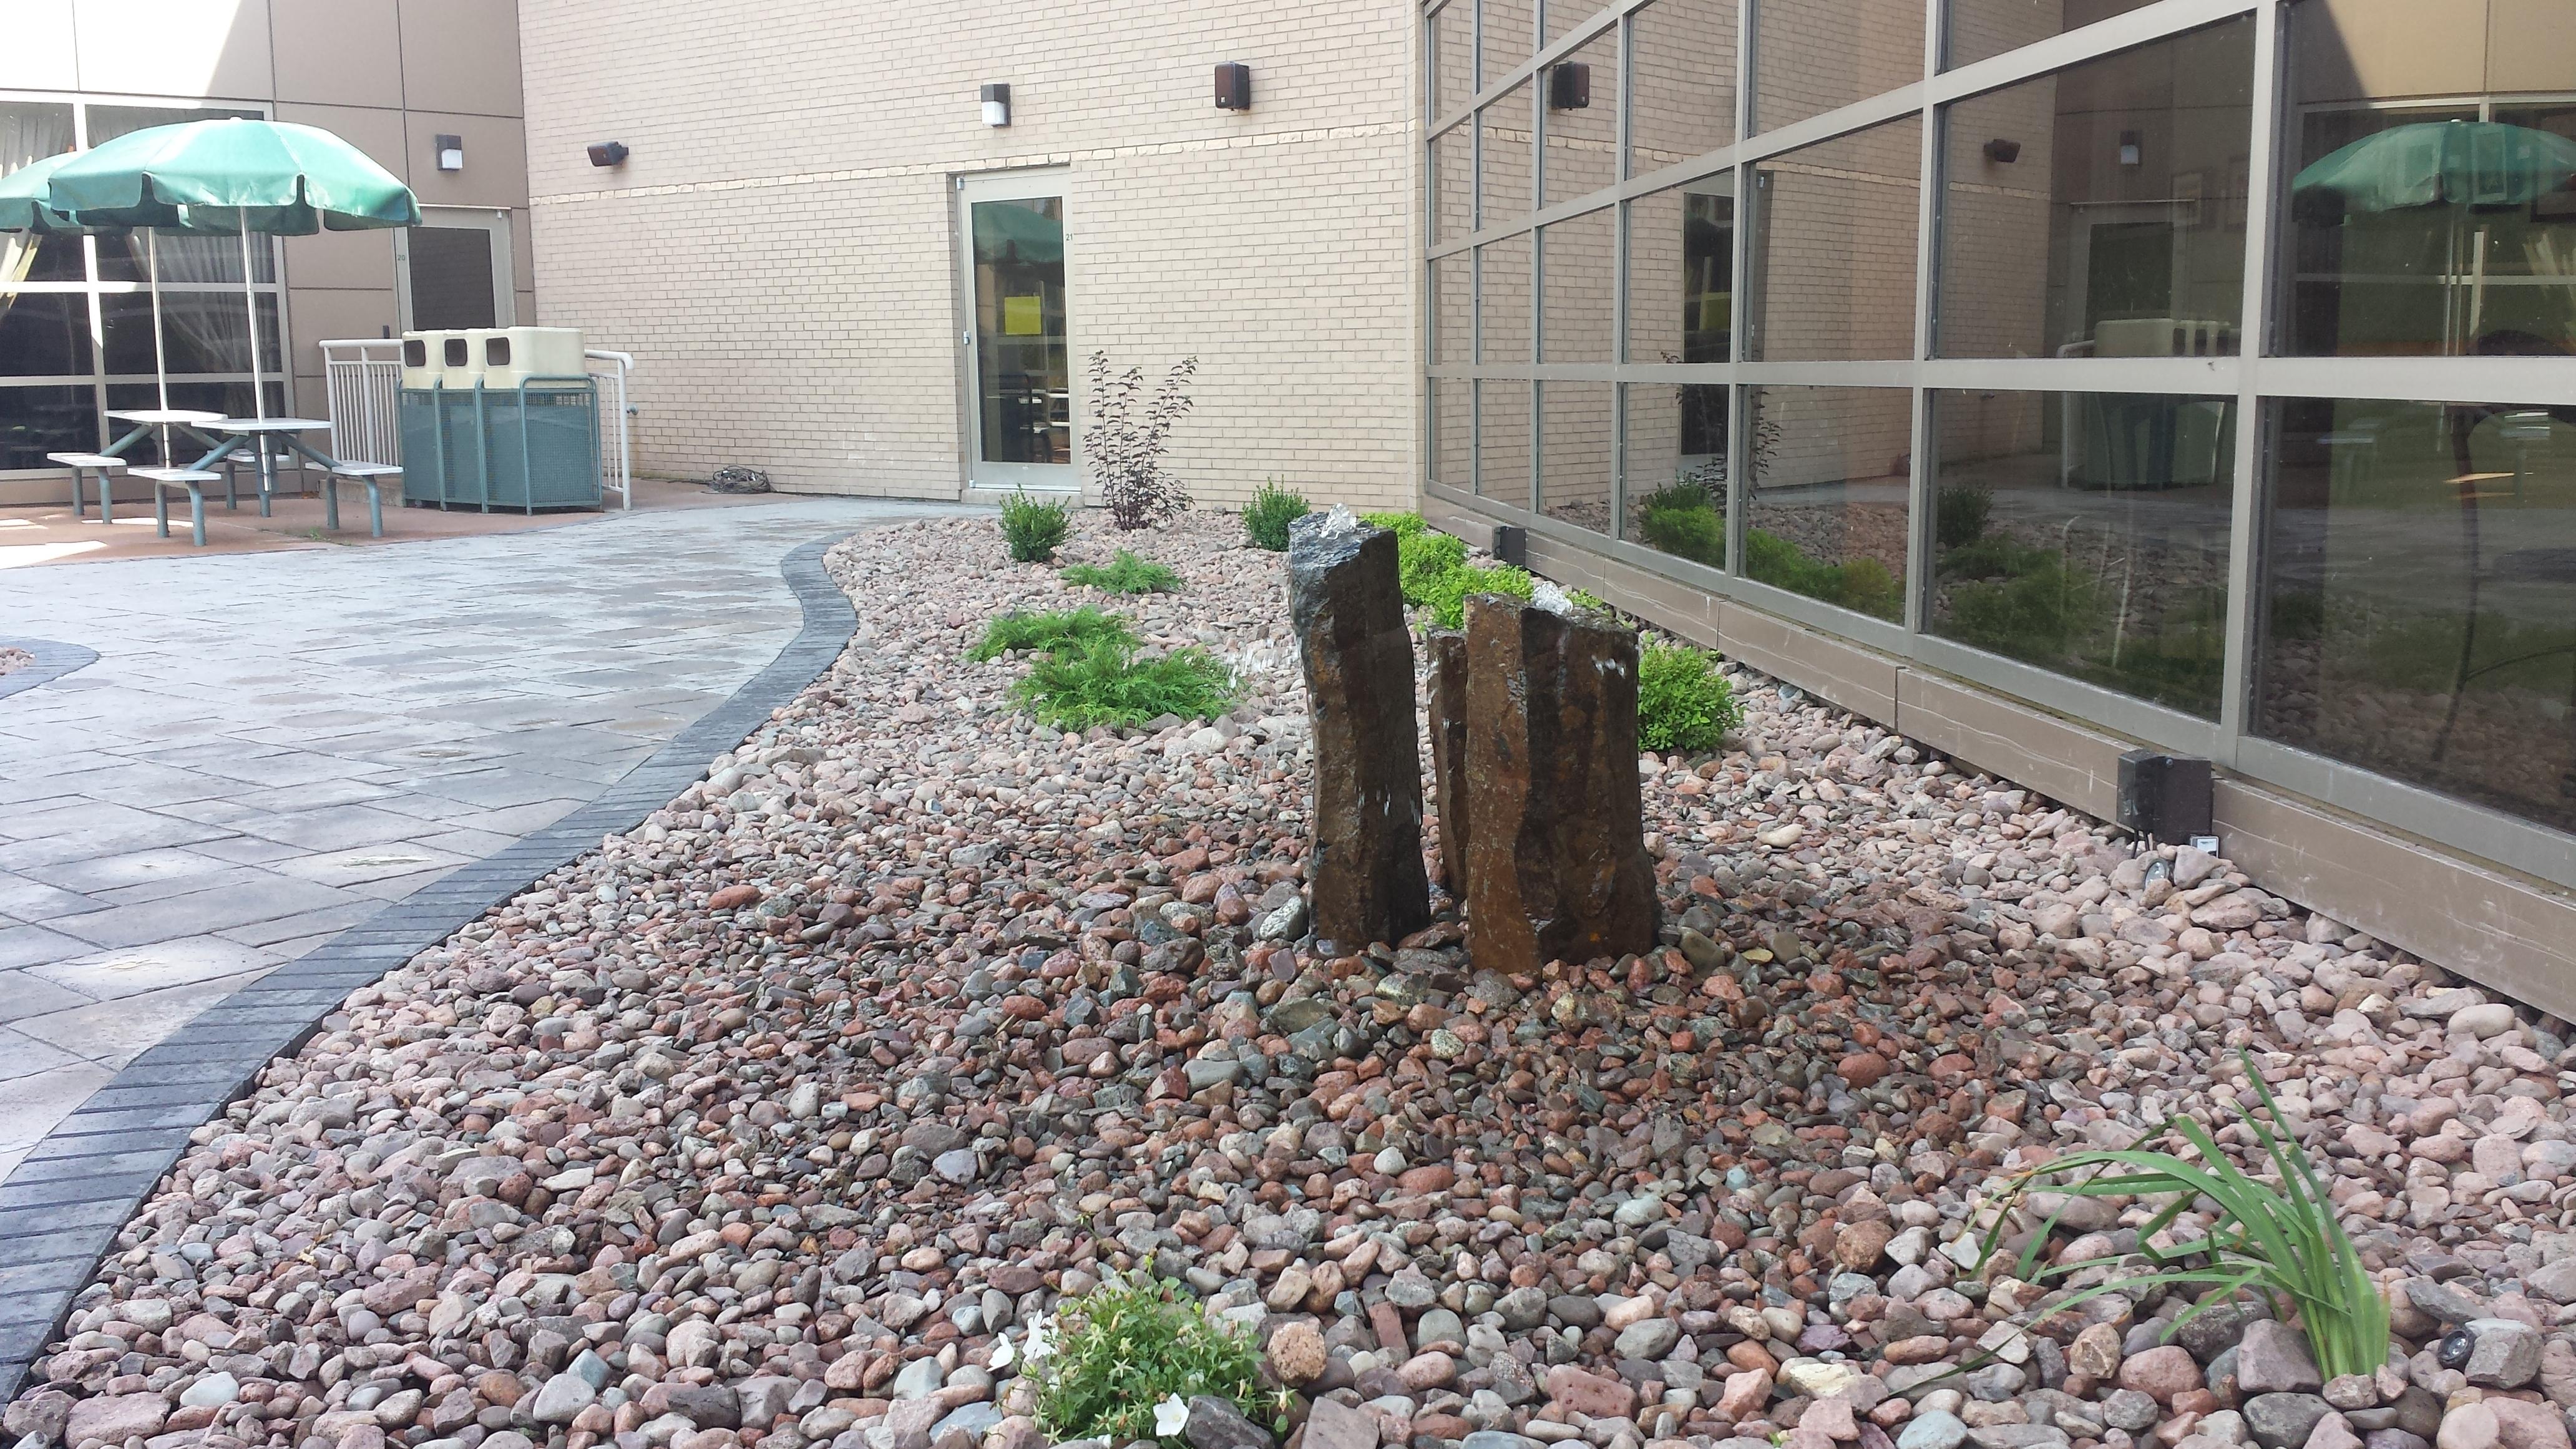 Hospital memorial garden 4